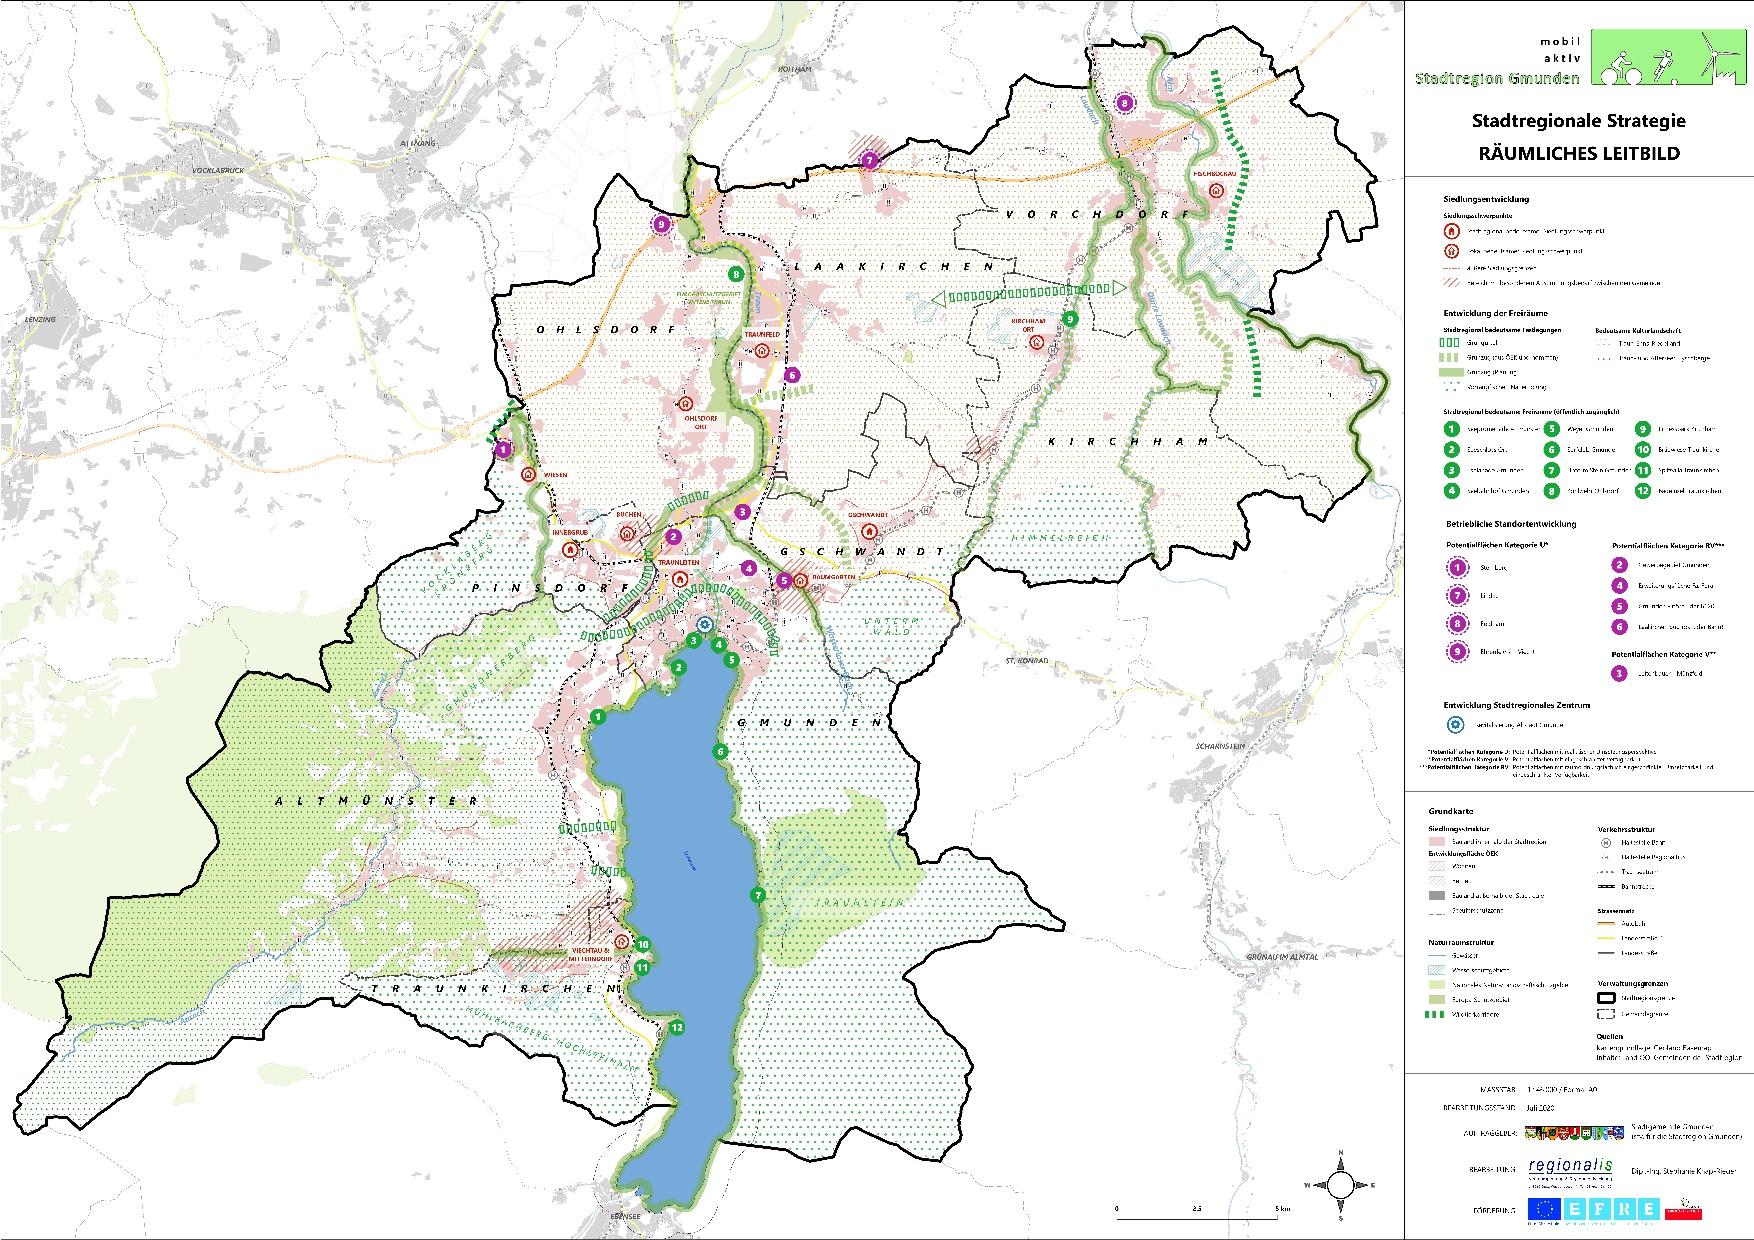 Stadtregion Gmunden Erweiterung_Räumliches Leitbild A0 20200702